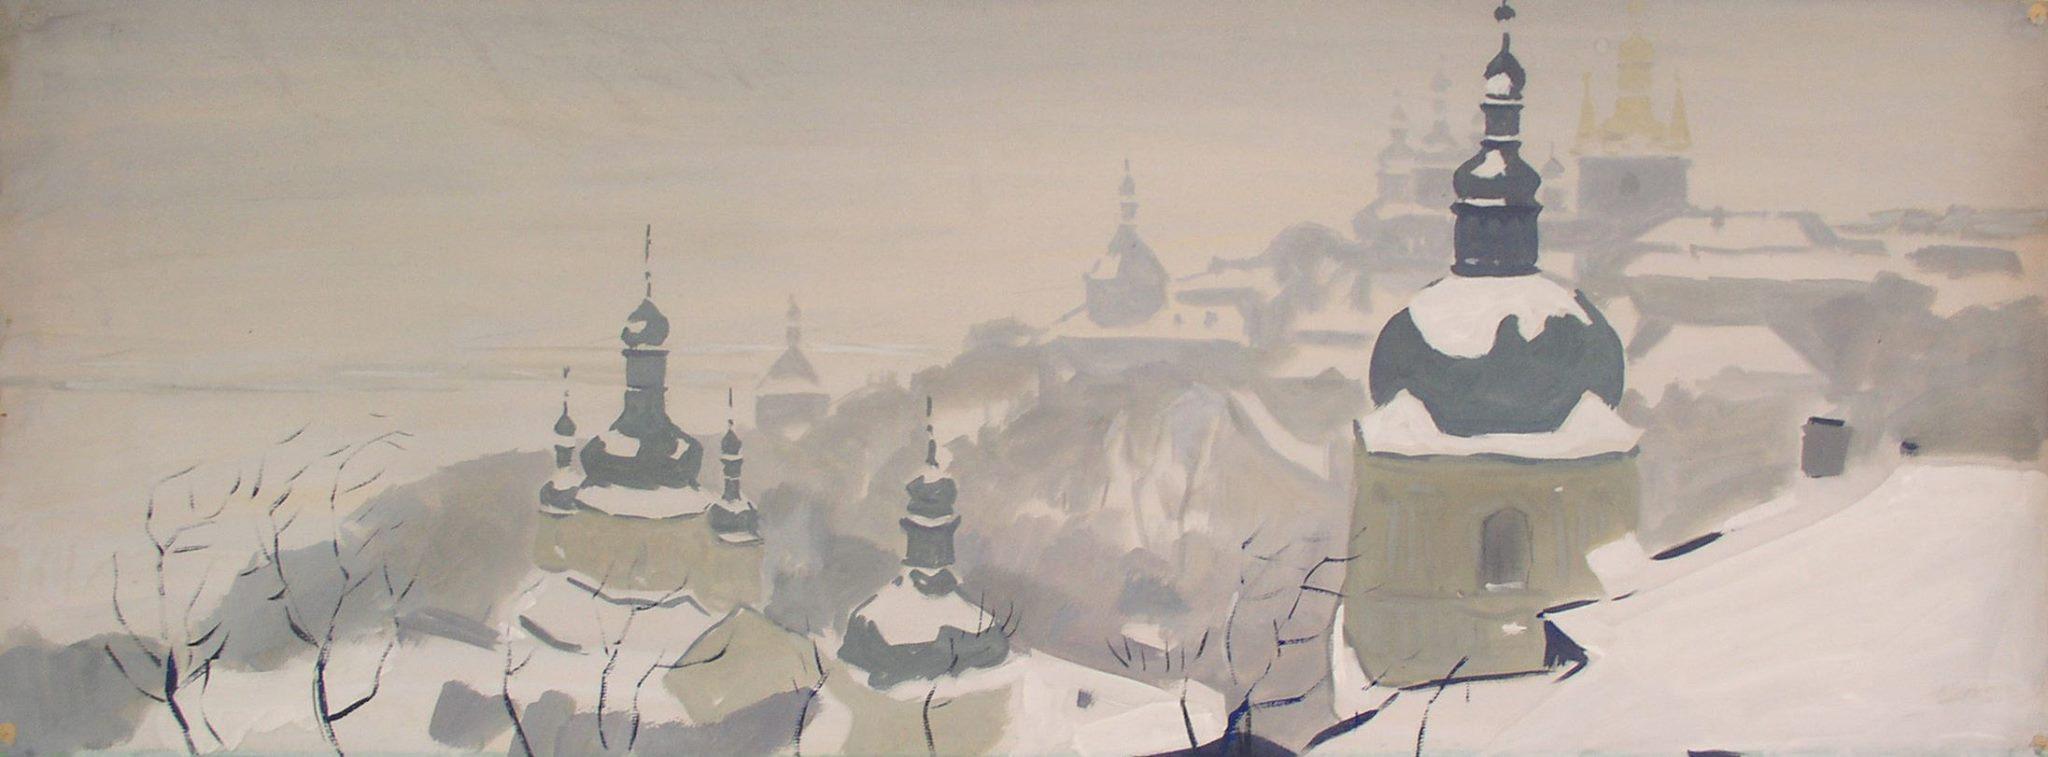 Києво-Печерська Лавра. Зимовий туман